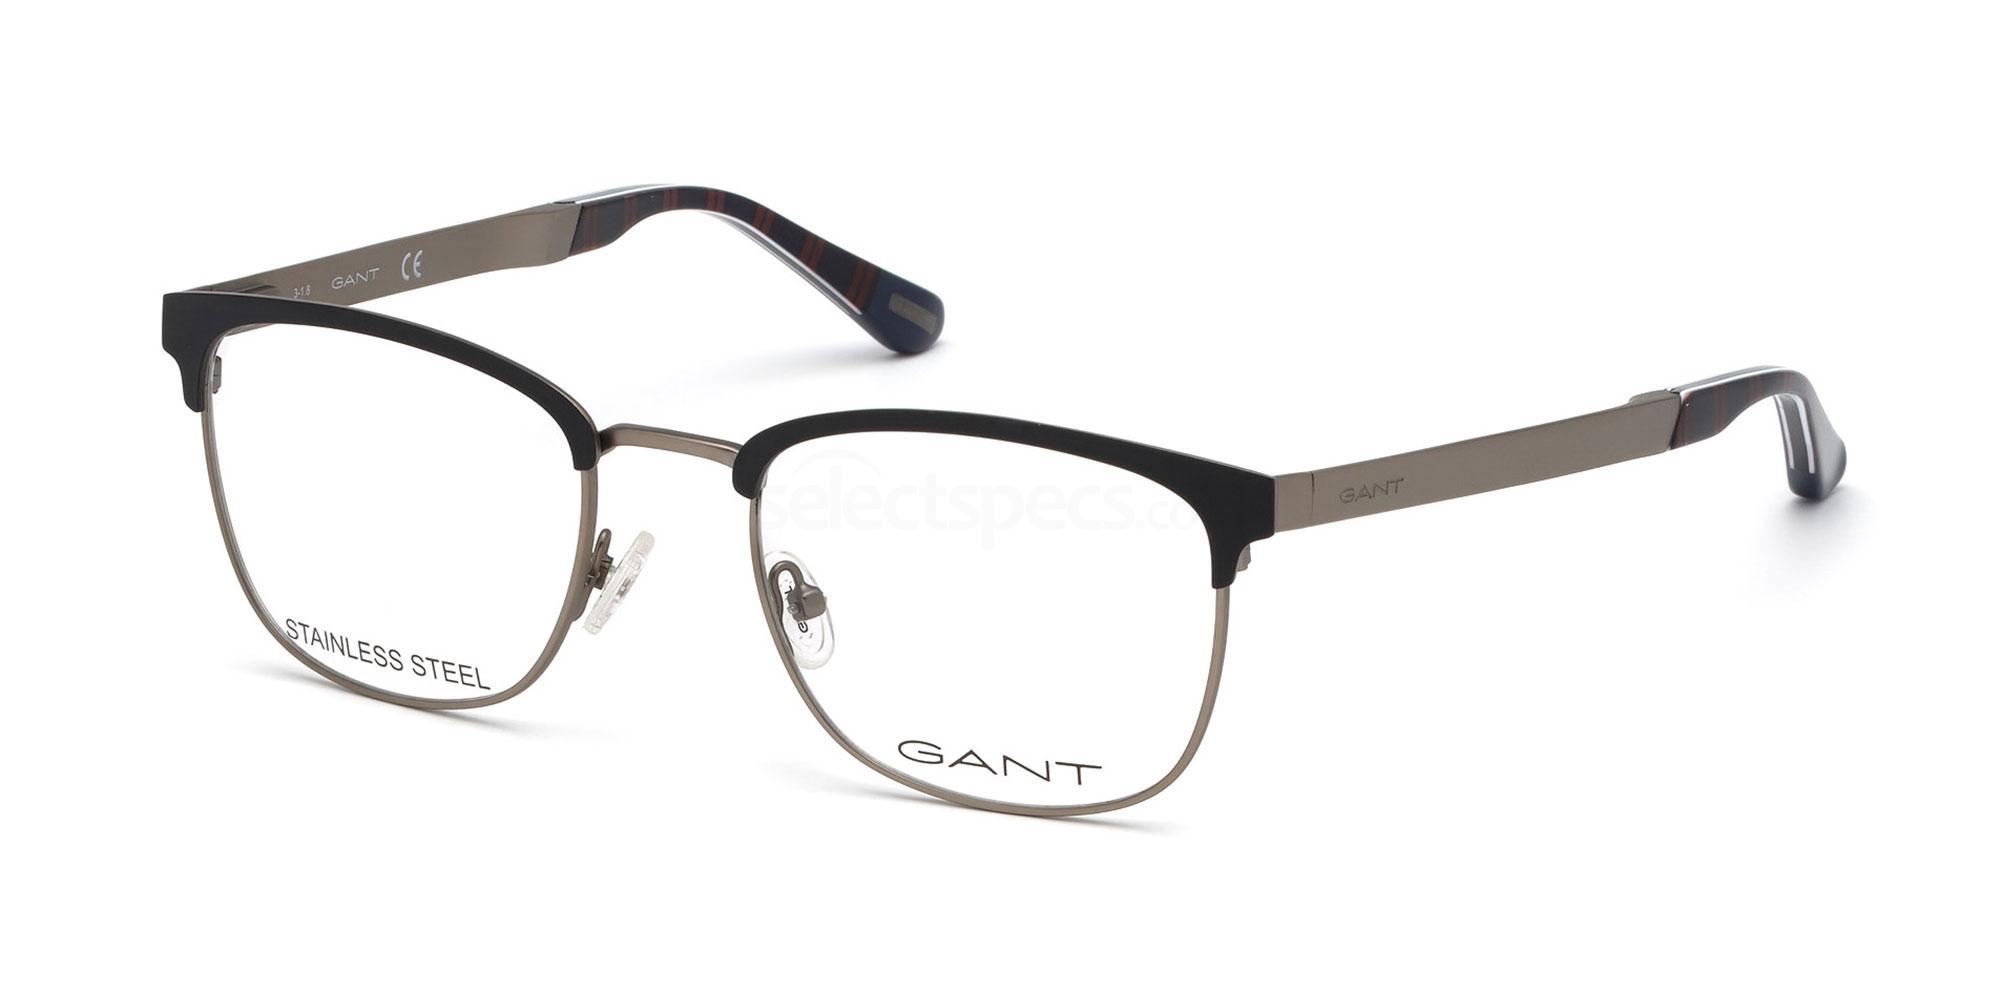 002 GA3181 Glasses, Gant